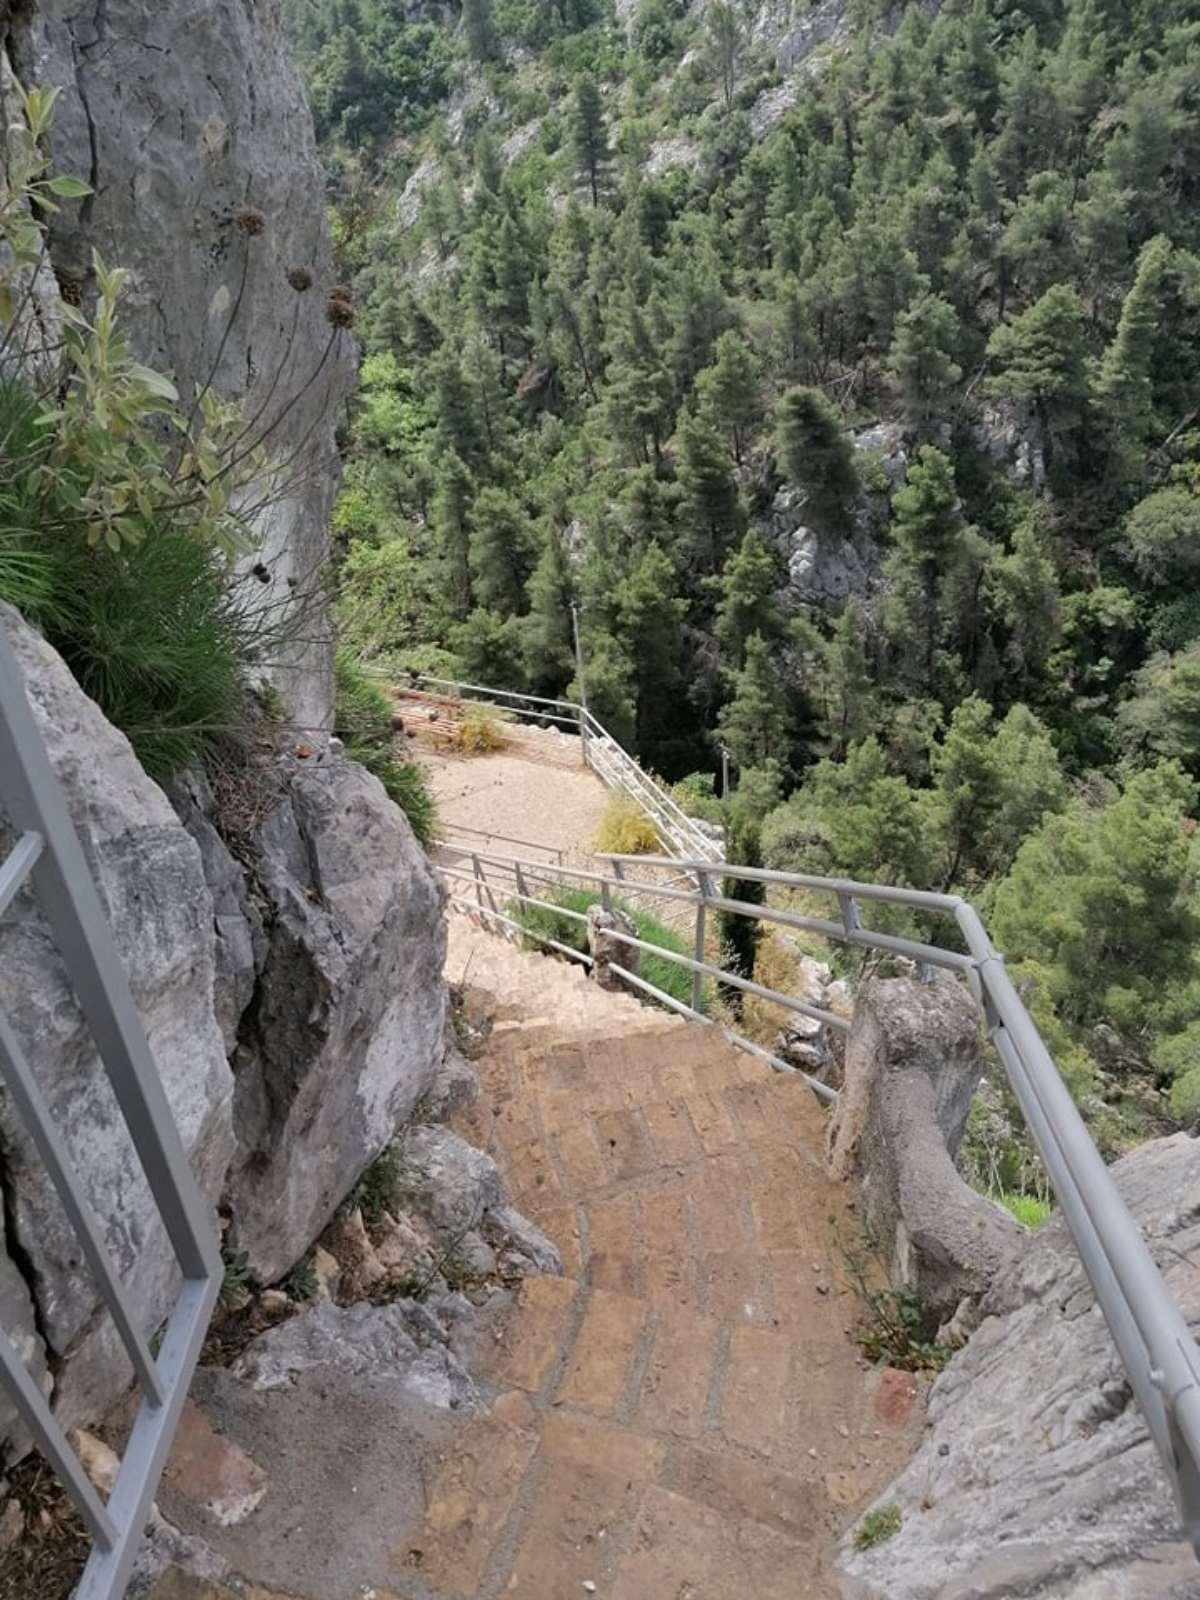 εκκλησάκι αγία μαρίνα πάρνηθα σκάλες